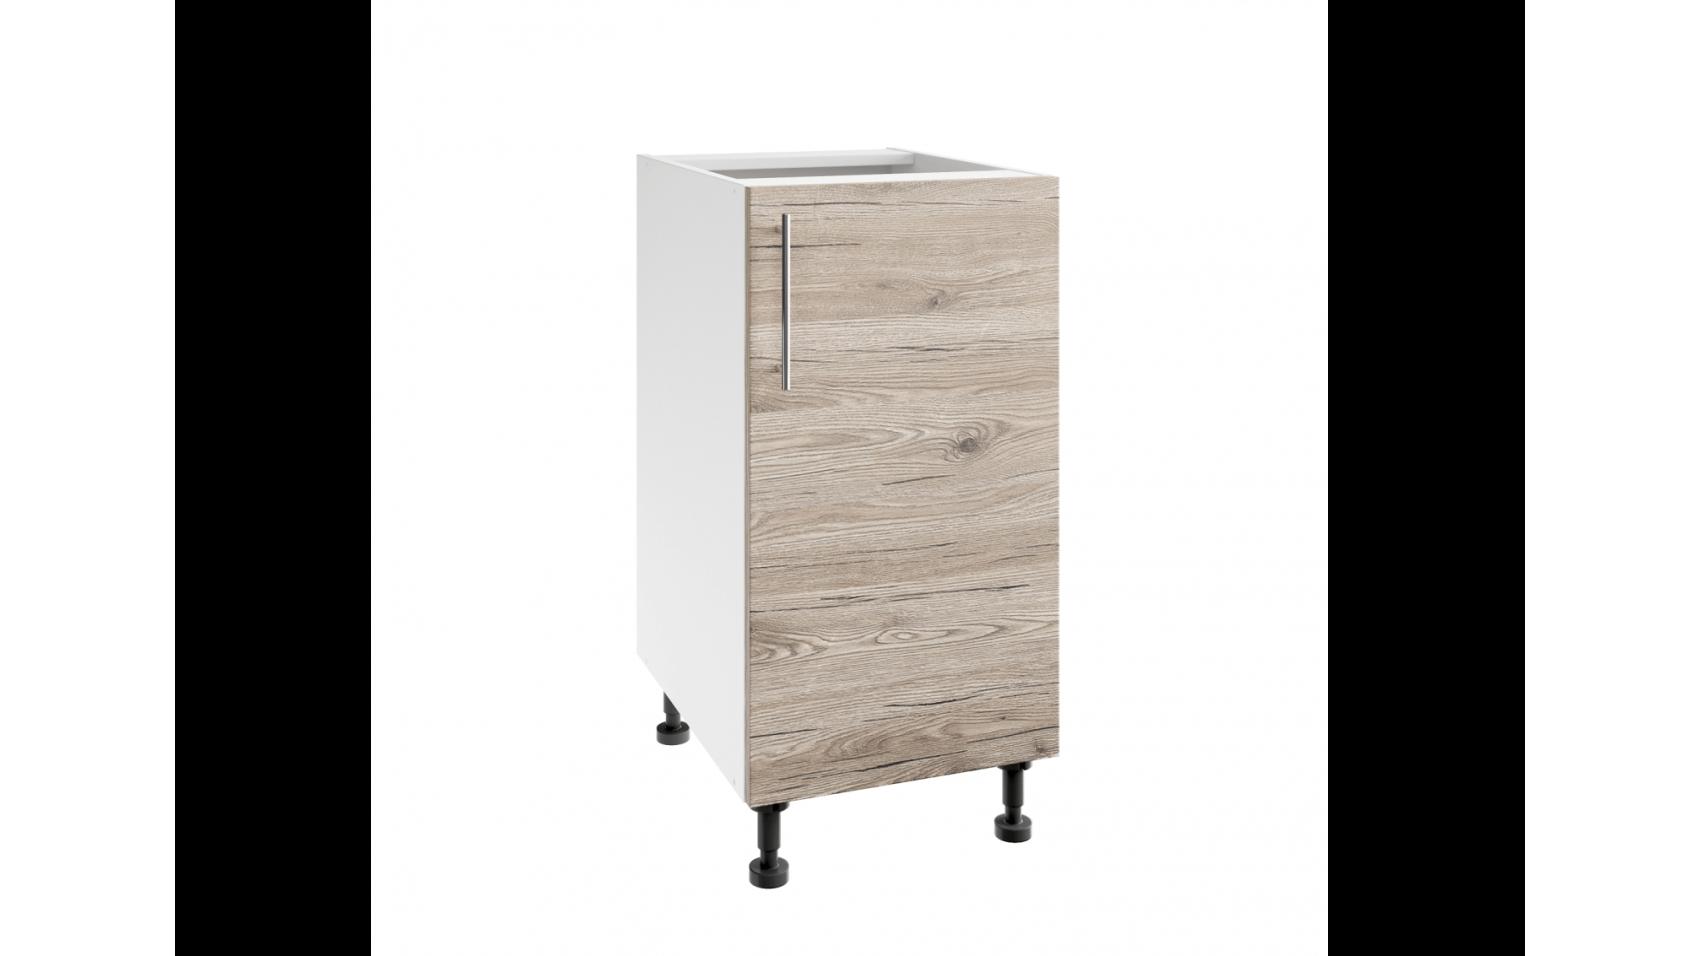 Kuchenne szafki dolne Luna San Remo   sklep internetowy Lupus ECO